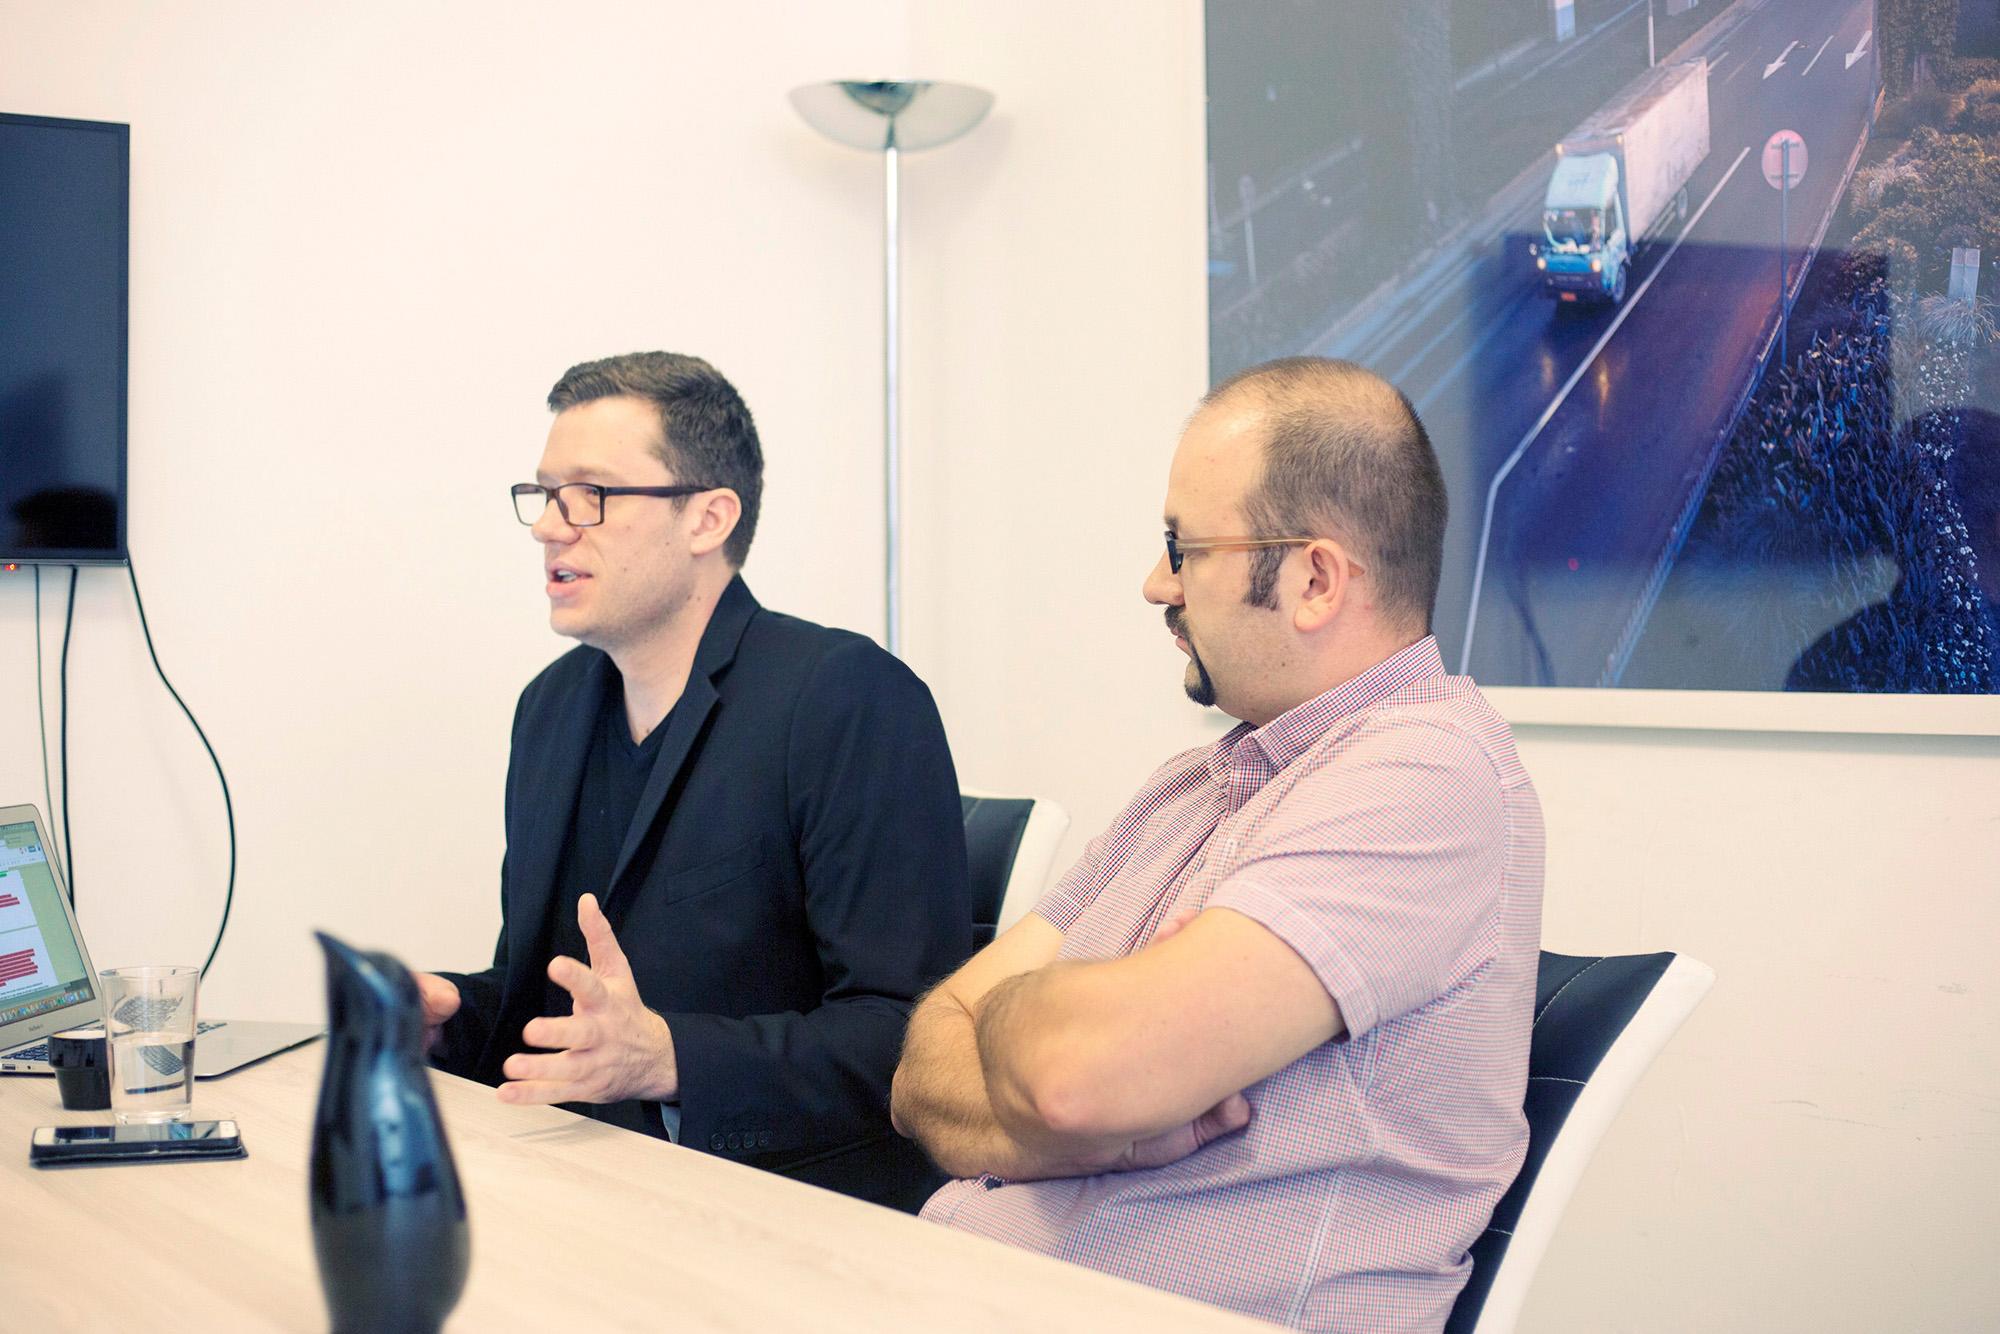 Eljött a smart kreatívok kora? – Interjú Batta Barnabással, a MITTE Communications vezetőjével és Könyves Viktorral, az ADDICT Interactive stratégiai igazgatójával